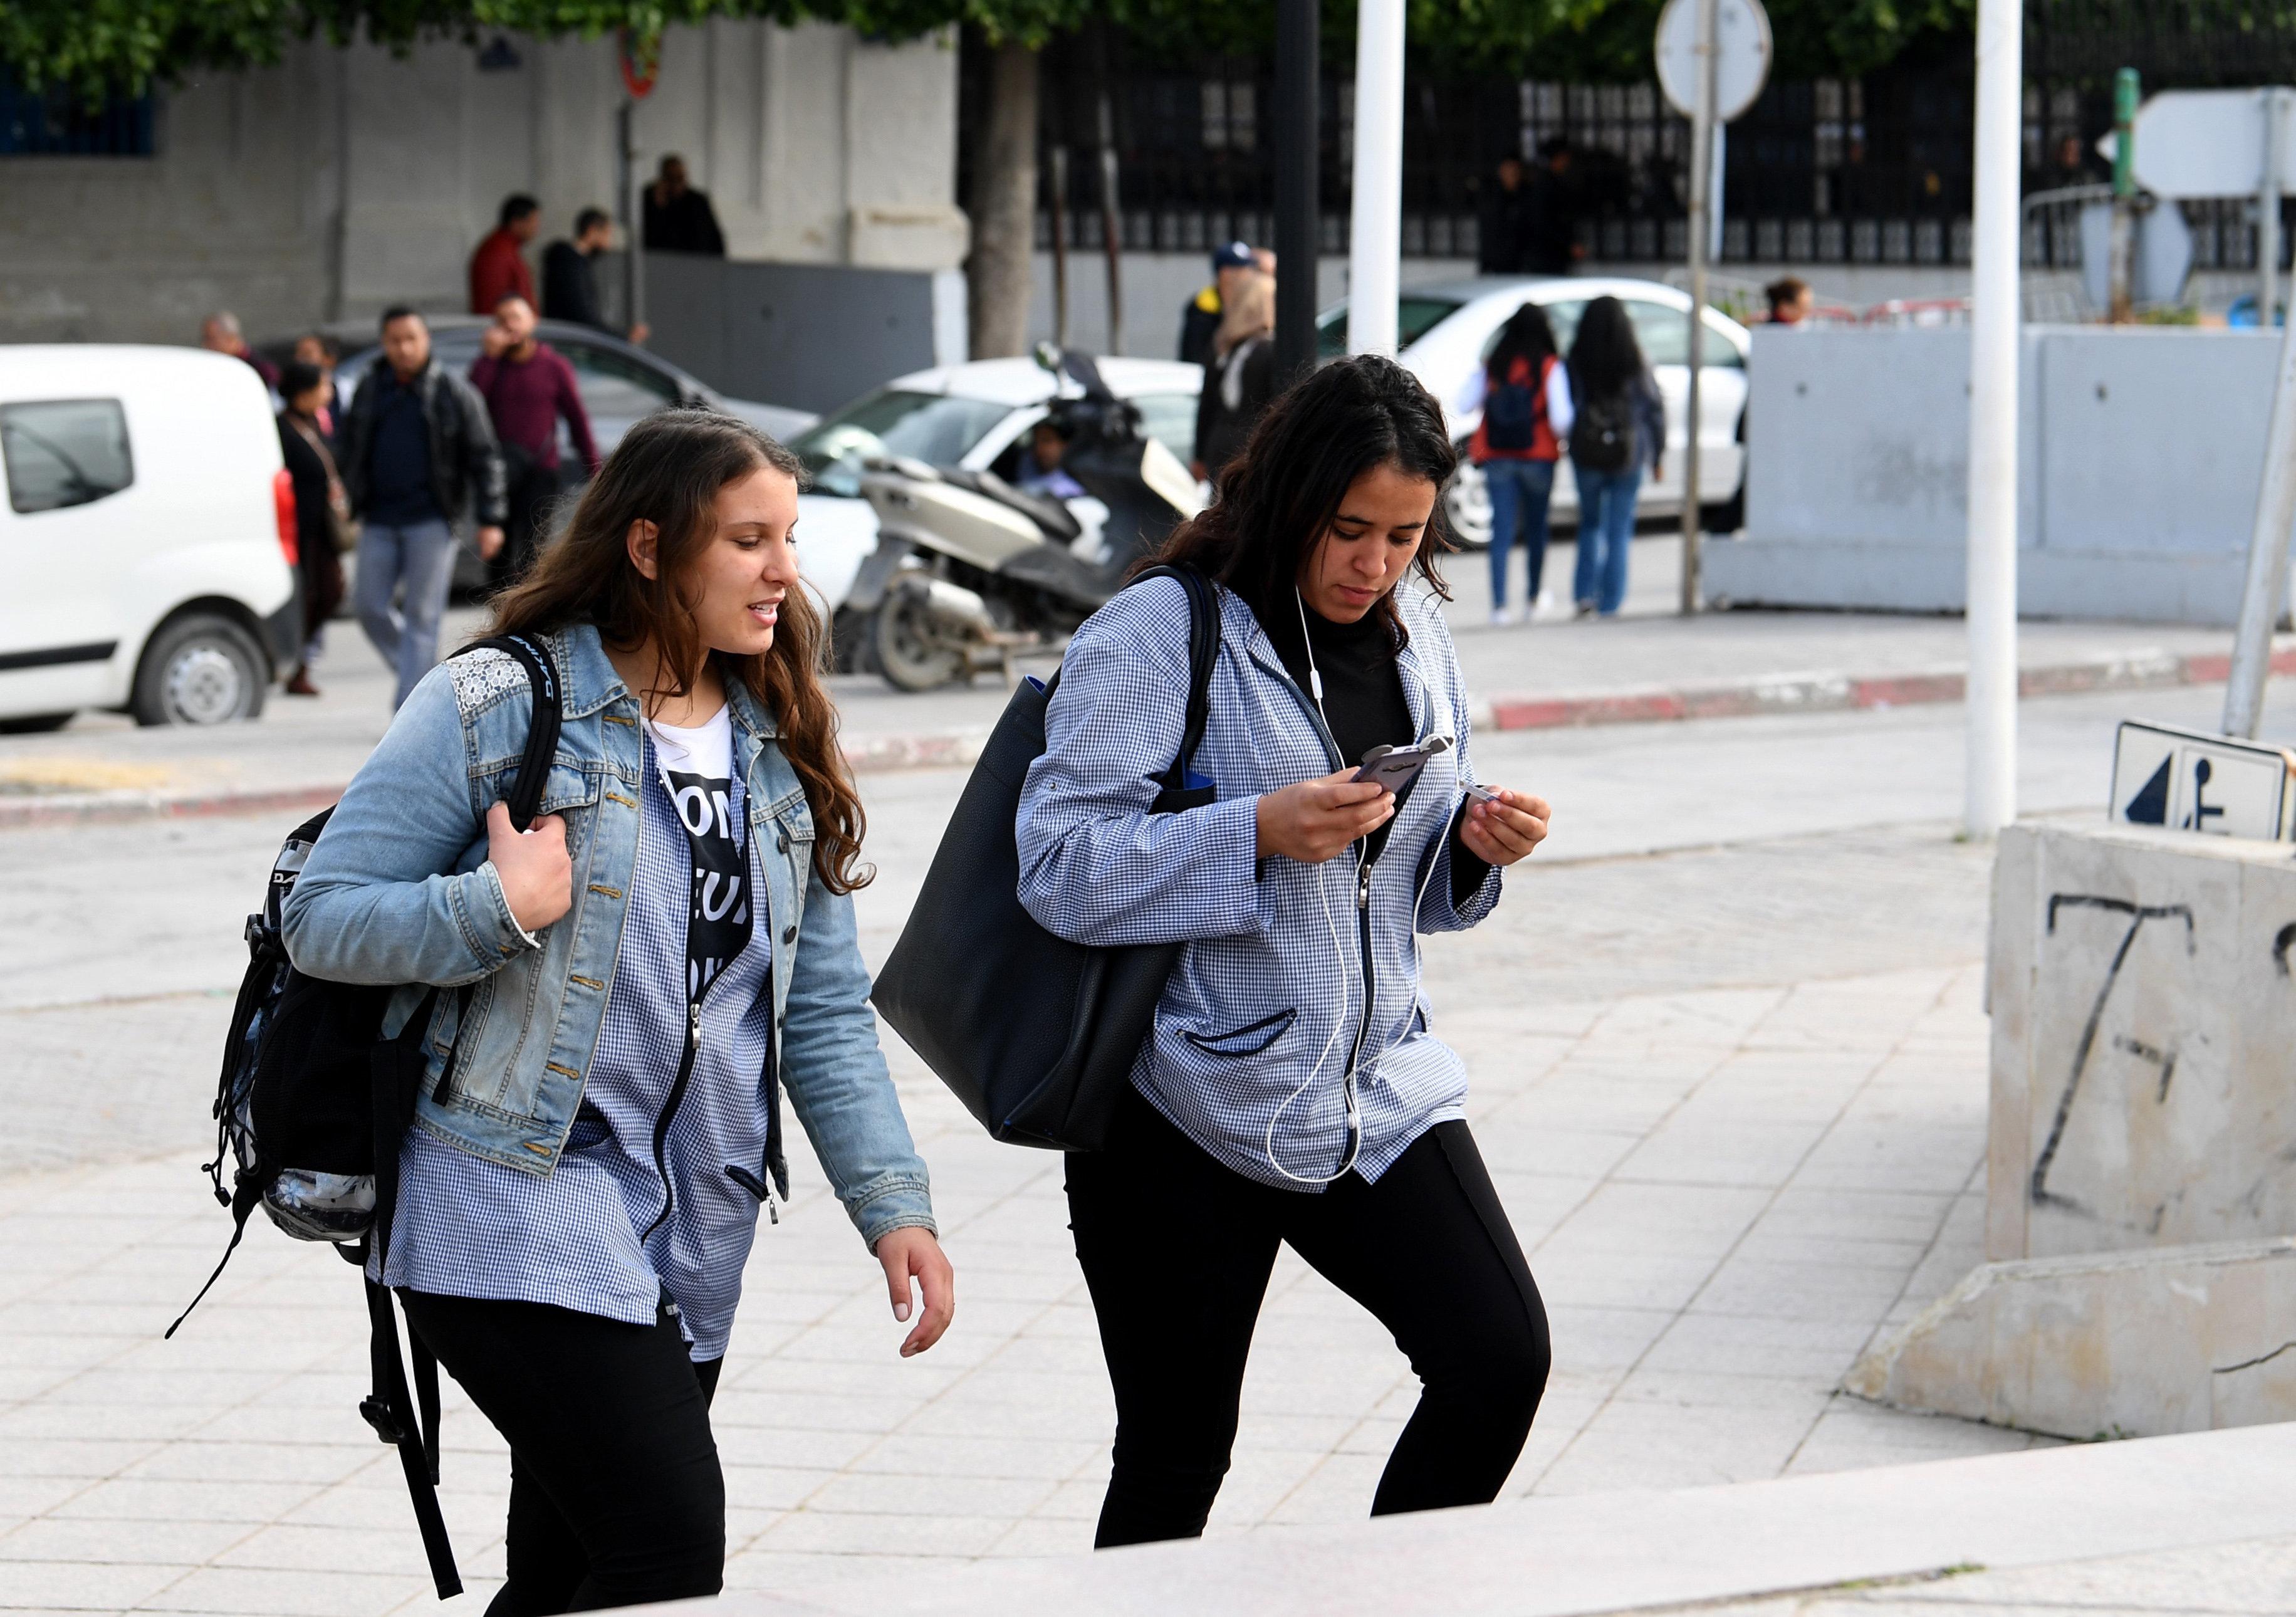 Crise de l'enseignement secondaire: Le ministère de l'Éducation estime qu'il est encore possible de